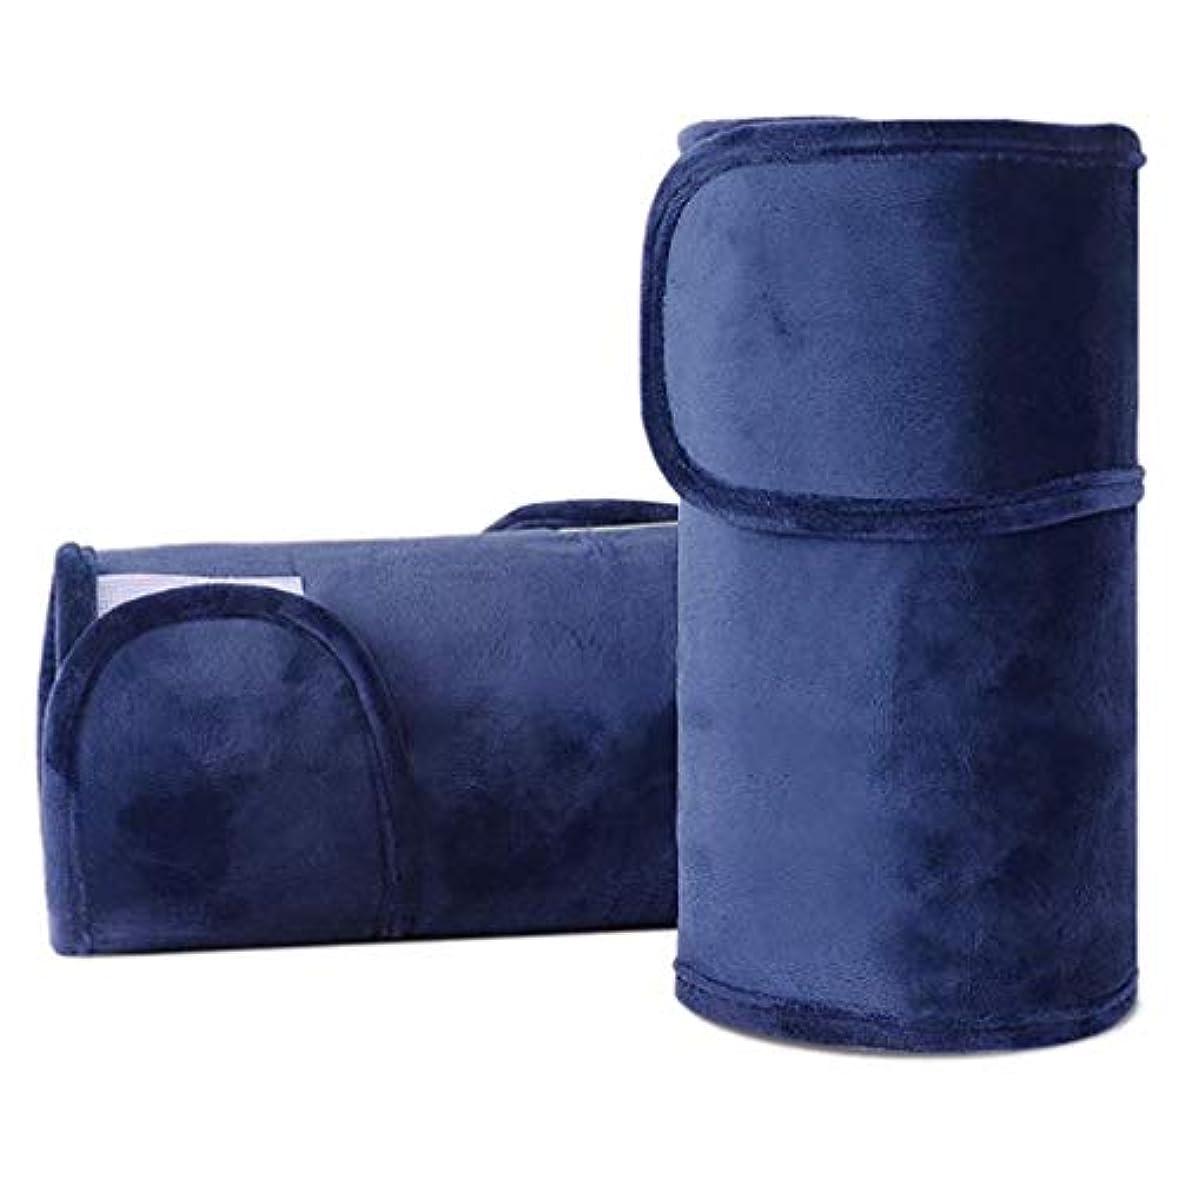 エイリアン自体取得レッグマッサージ、電気看護膝温熱パッド、レッグマッサージセラピーリラクゼーション、在宅勤務に適した、血行促進 (Color : 青)